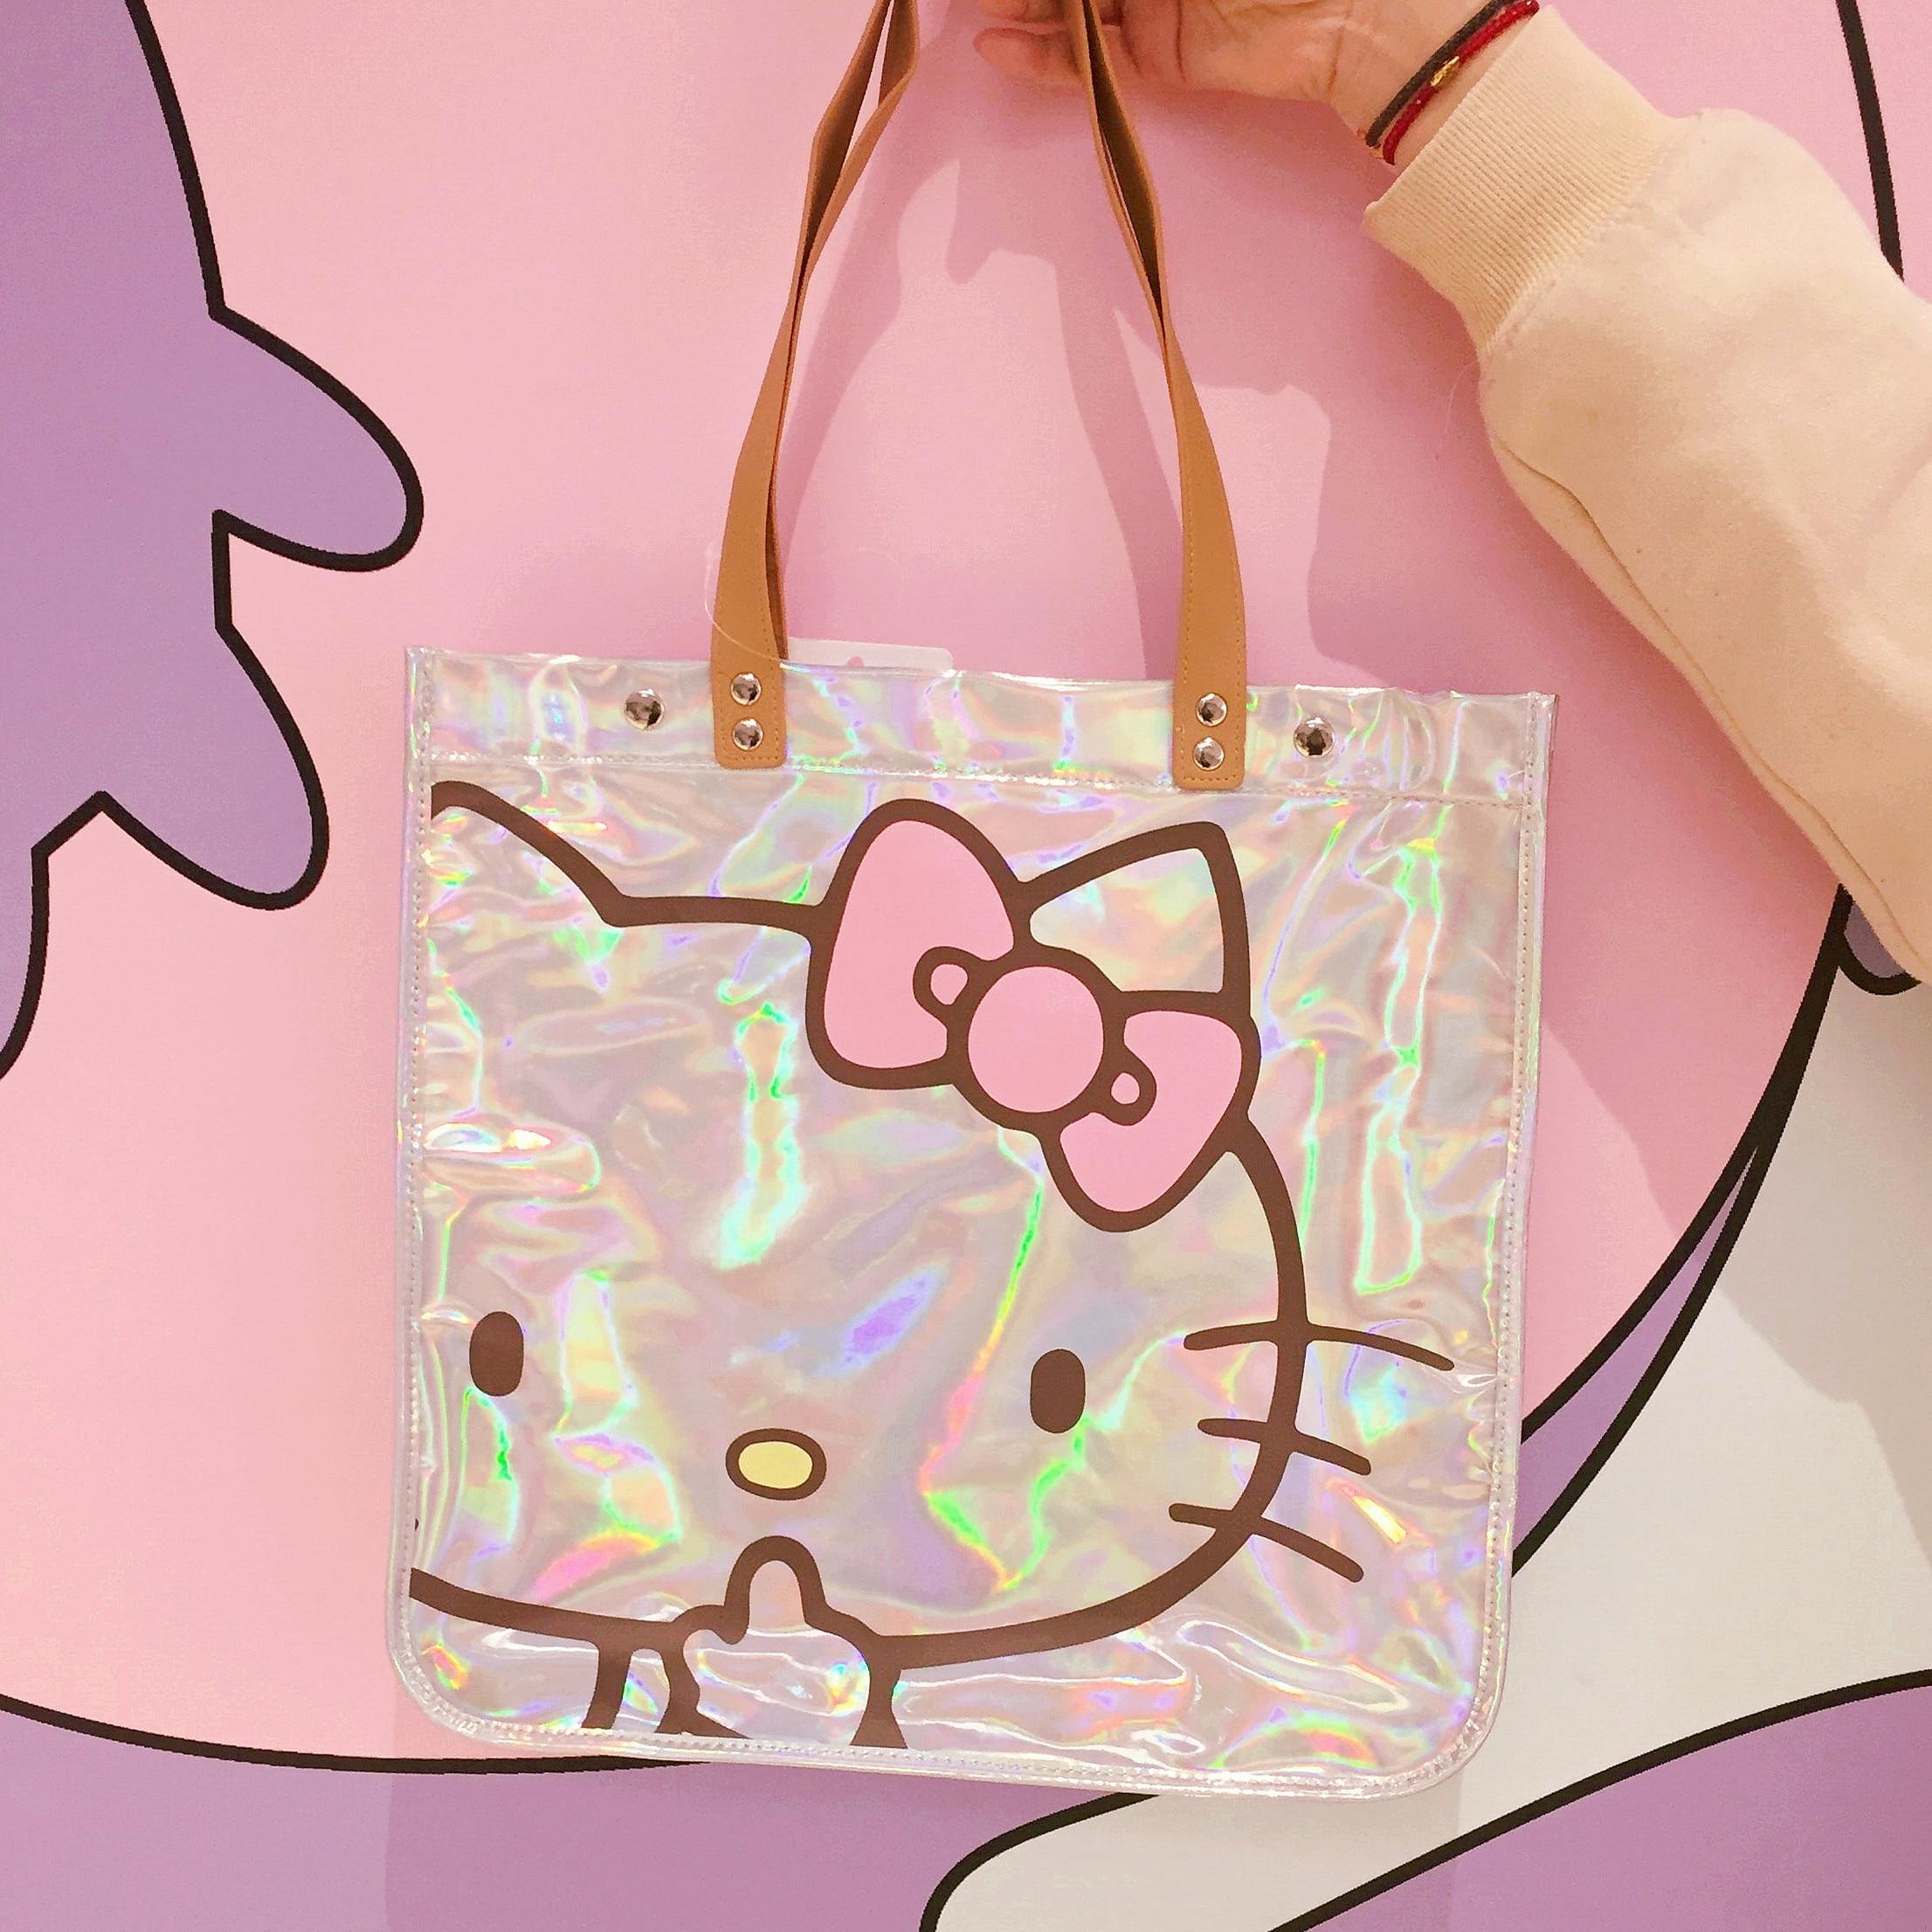 Femmes sac à main Kitty chat éblouissement Laser épaule sac à main imperméable à l'eau grands sacs de créateurs femmes en cuir PU sacs à main et sacs à main de mode